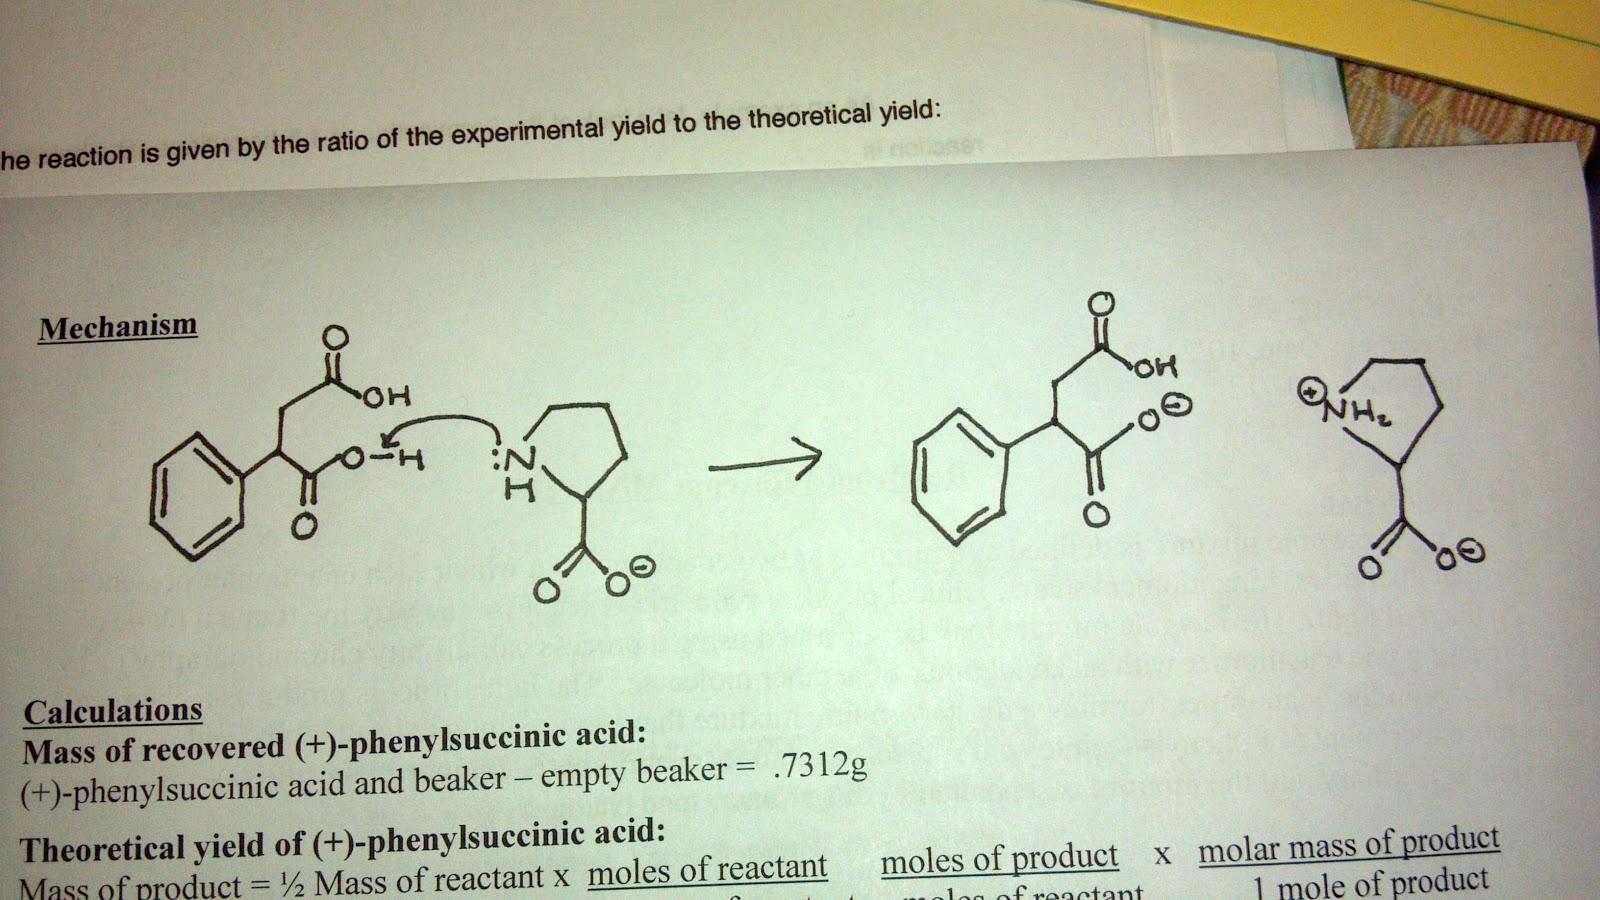 Get chemistry assignment help at AssignmentExpert.com: